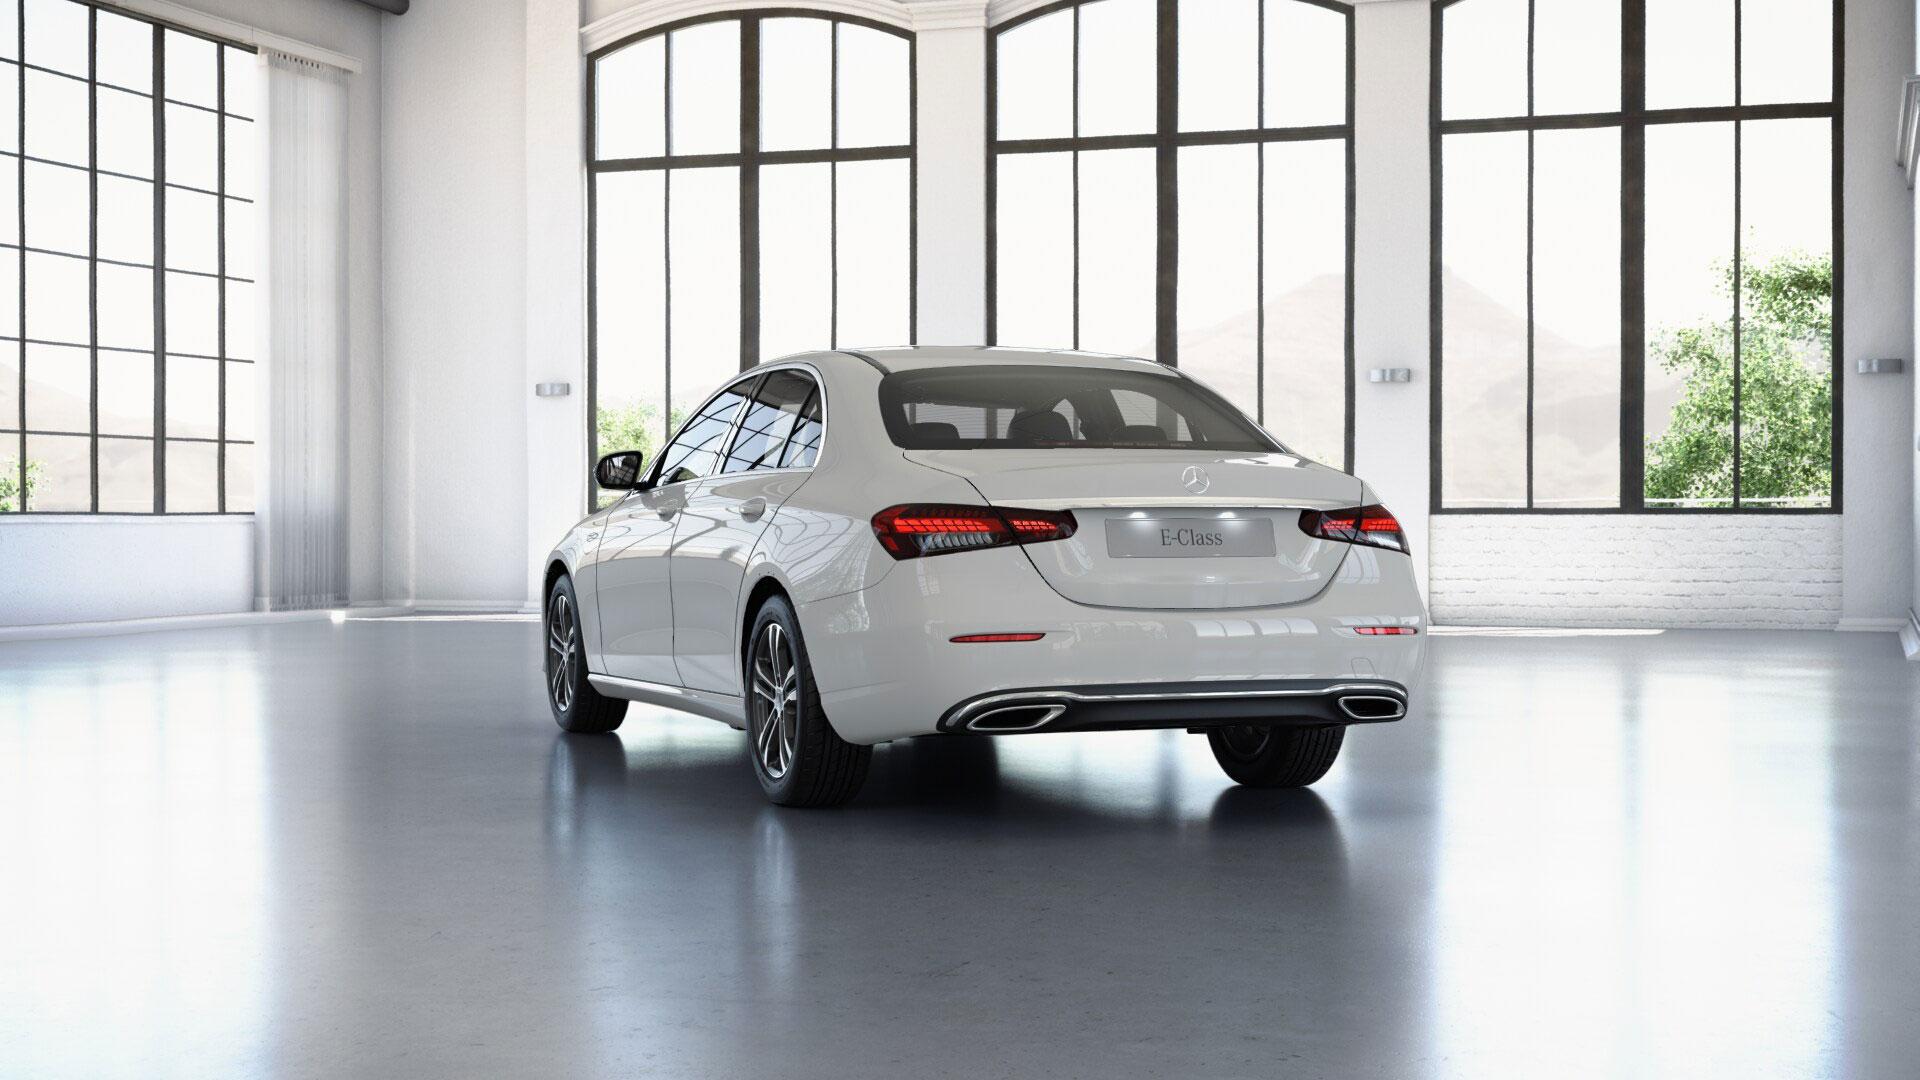 Jantes de la Mercedes Classe E Finition Business